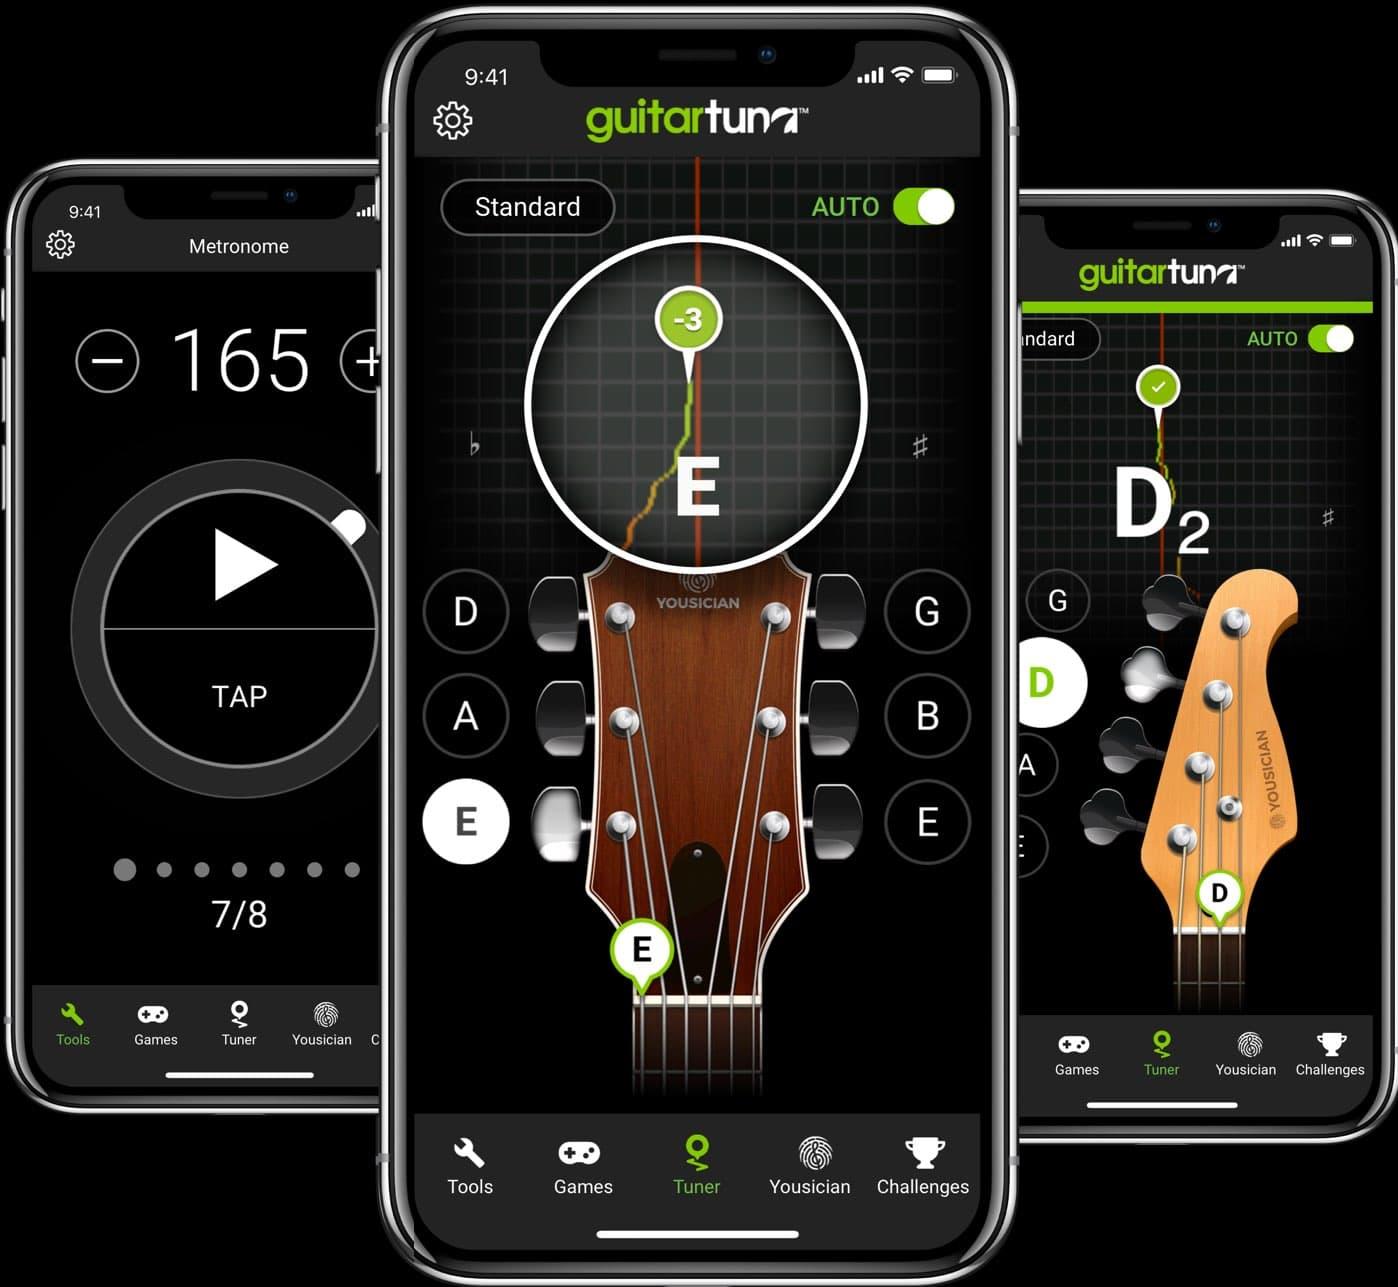 GuitarTuna app preview